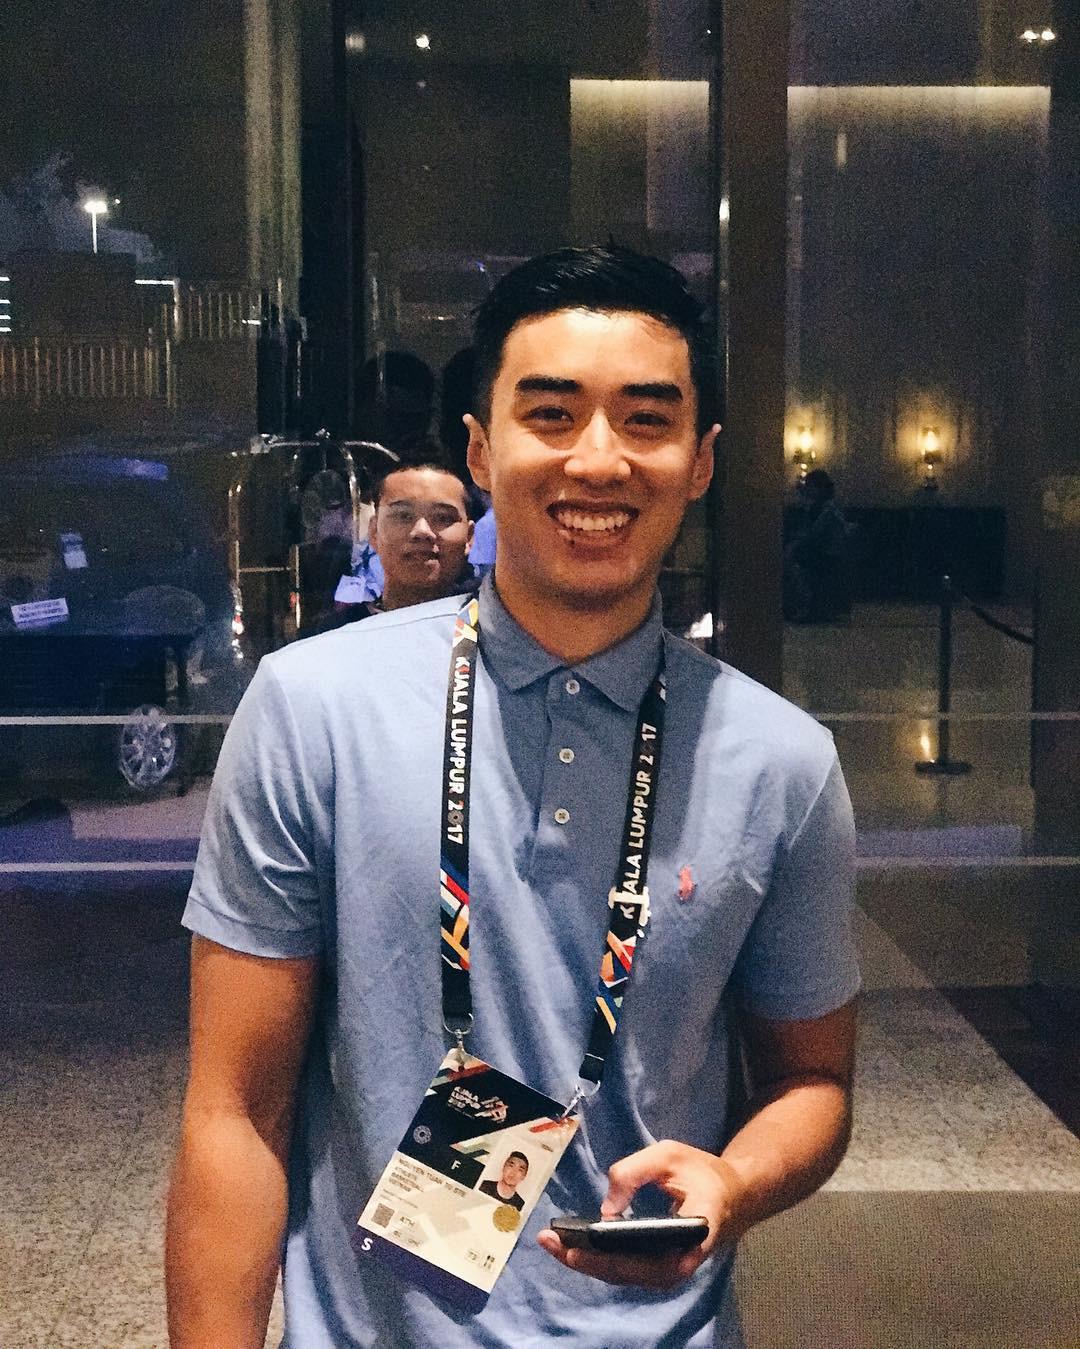 Của hiếm làng bóng rổ Việt: Cao 1m93, điển trai như diễn viên và có thành tích thi đấu khủng - Ảnh 7.